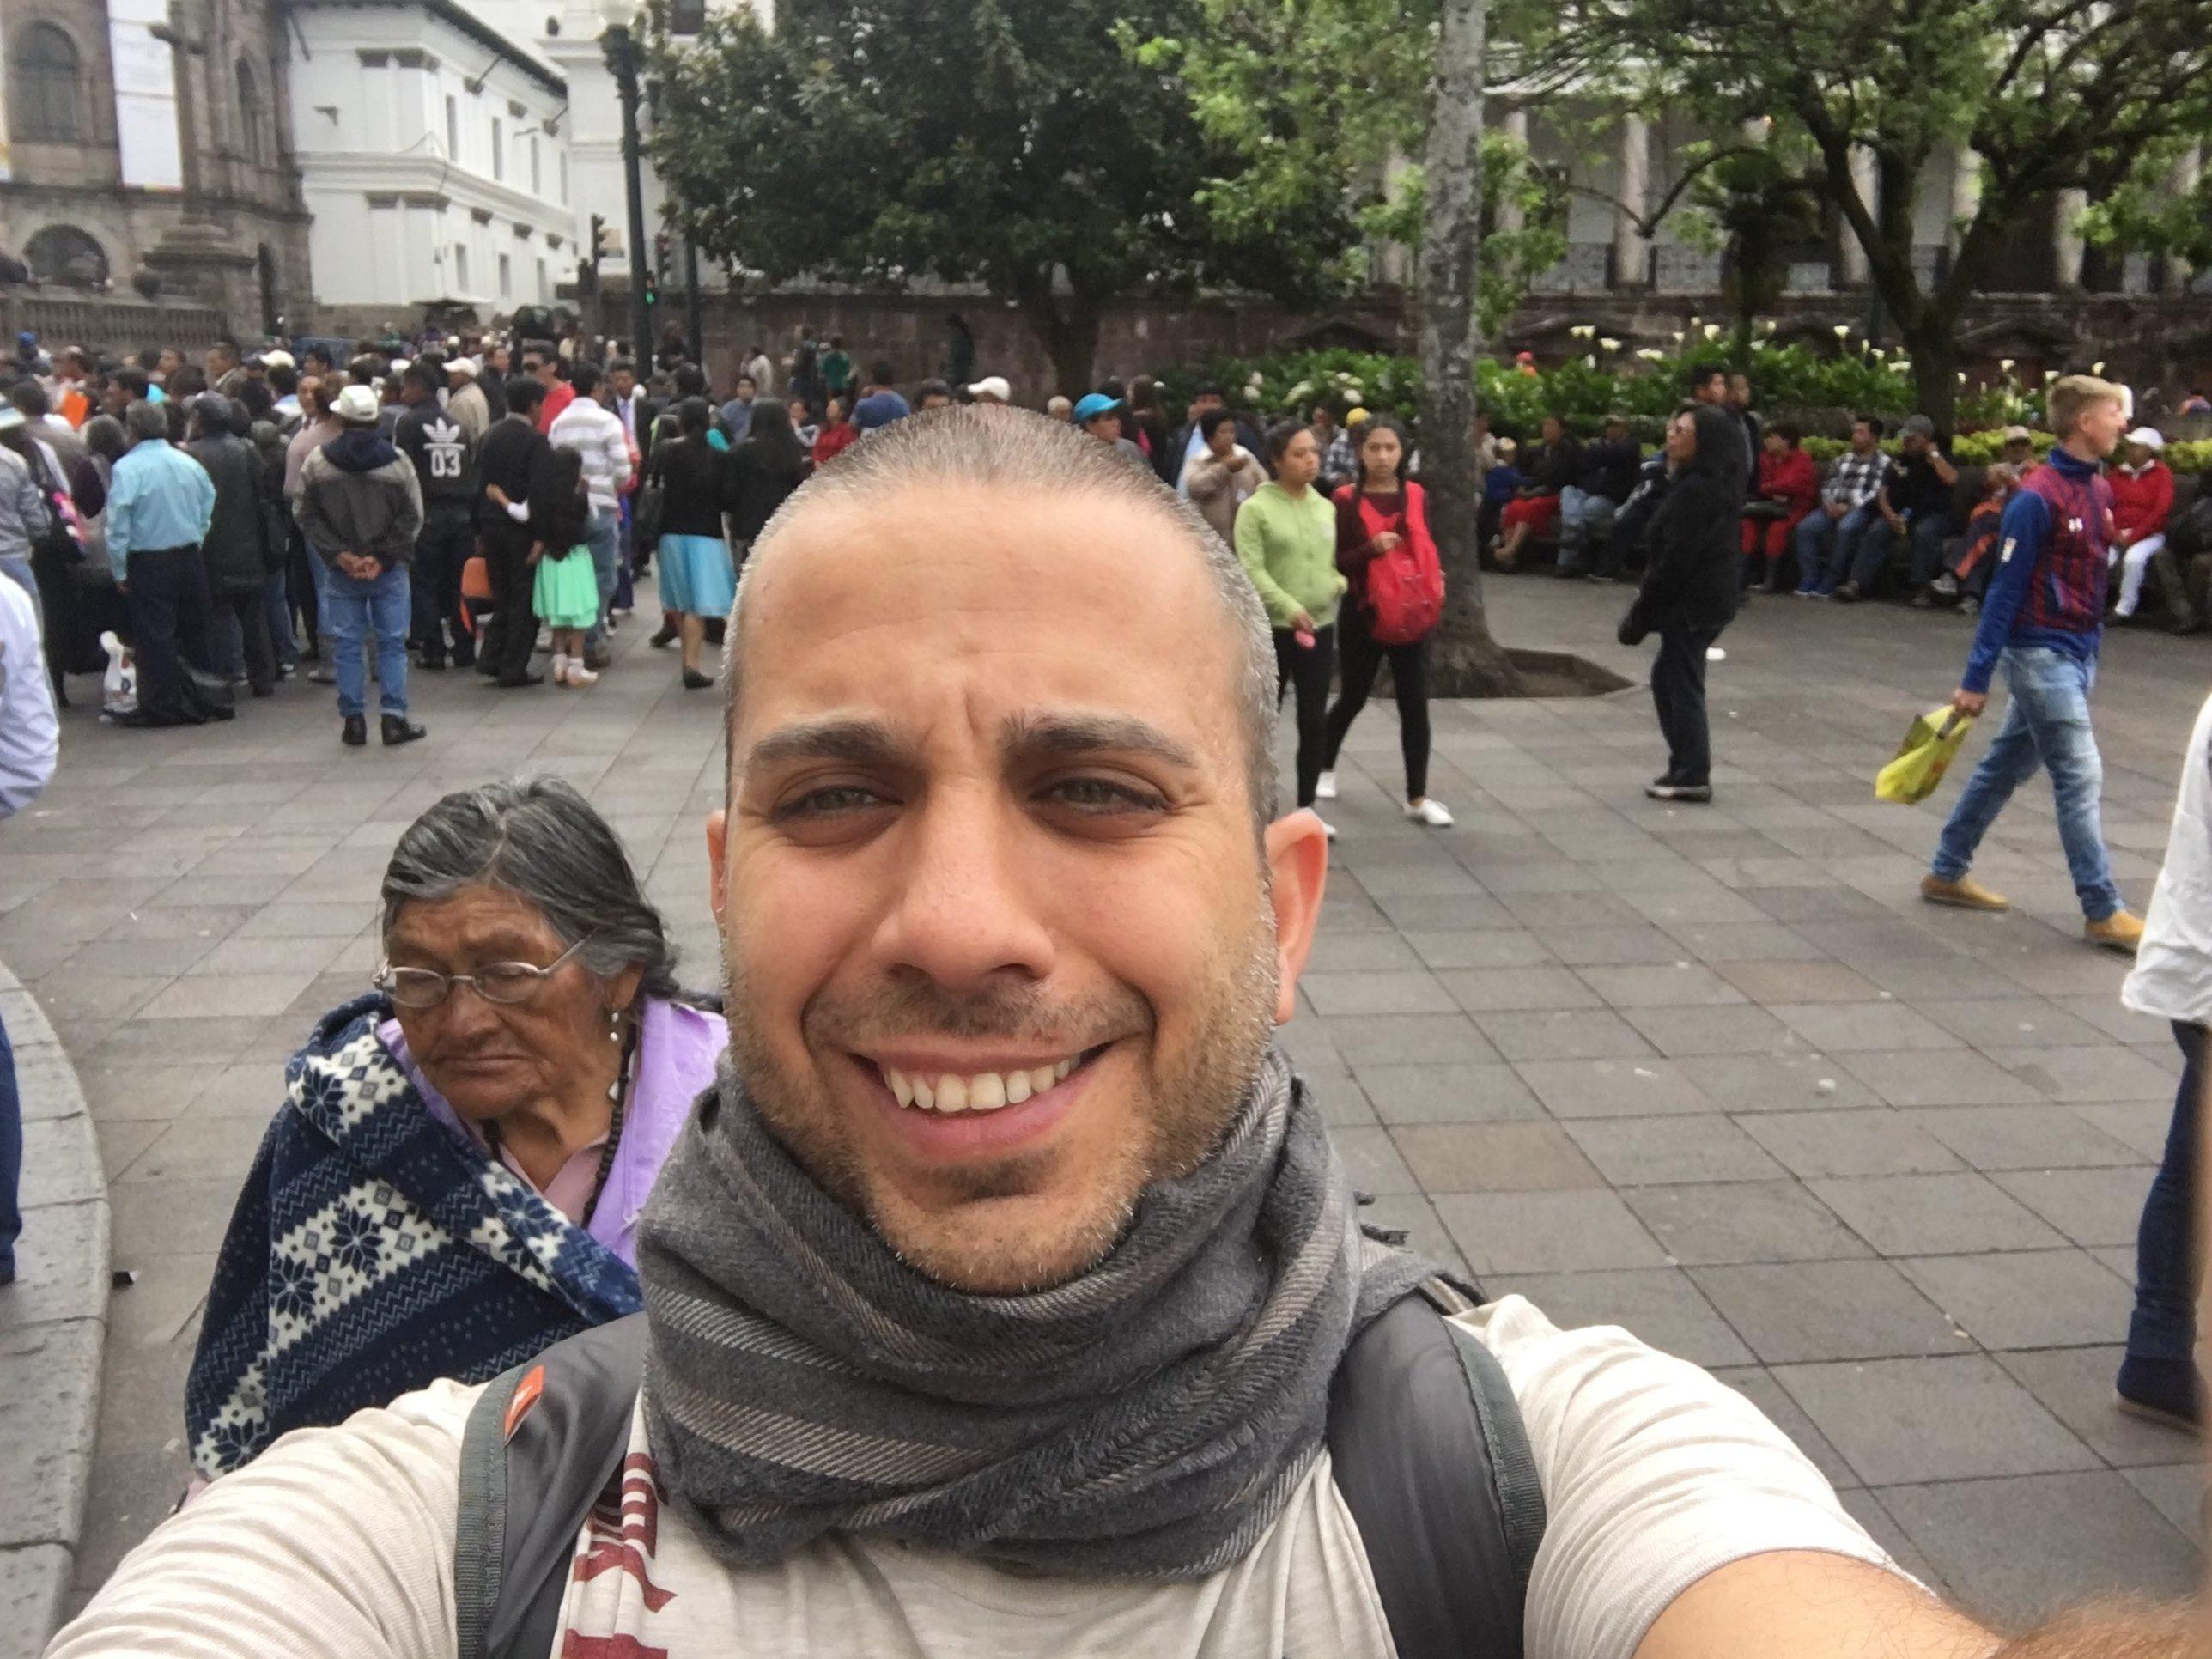 Esperienza In Nostra Persone EcuadorCome Le SonoLa LqVpjSMGUz